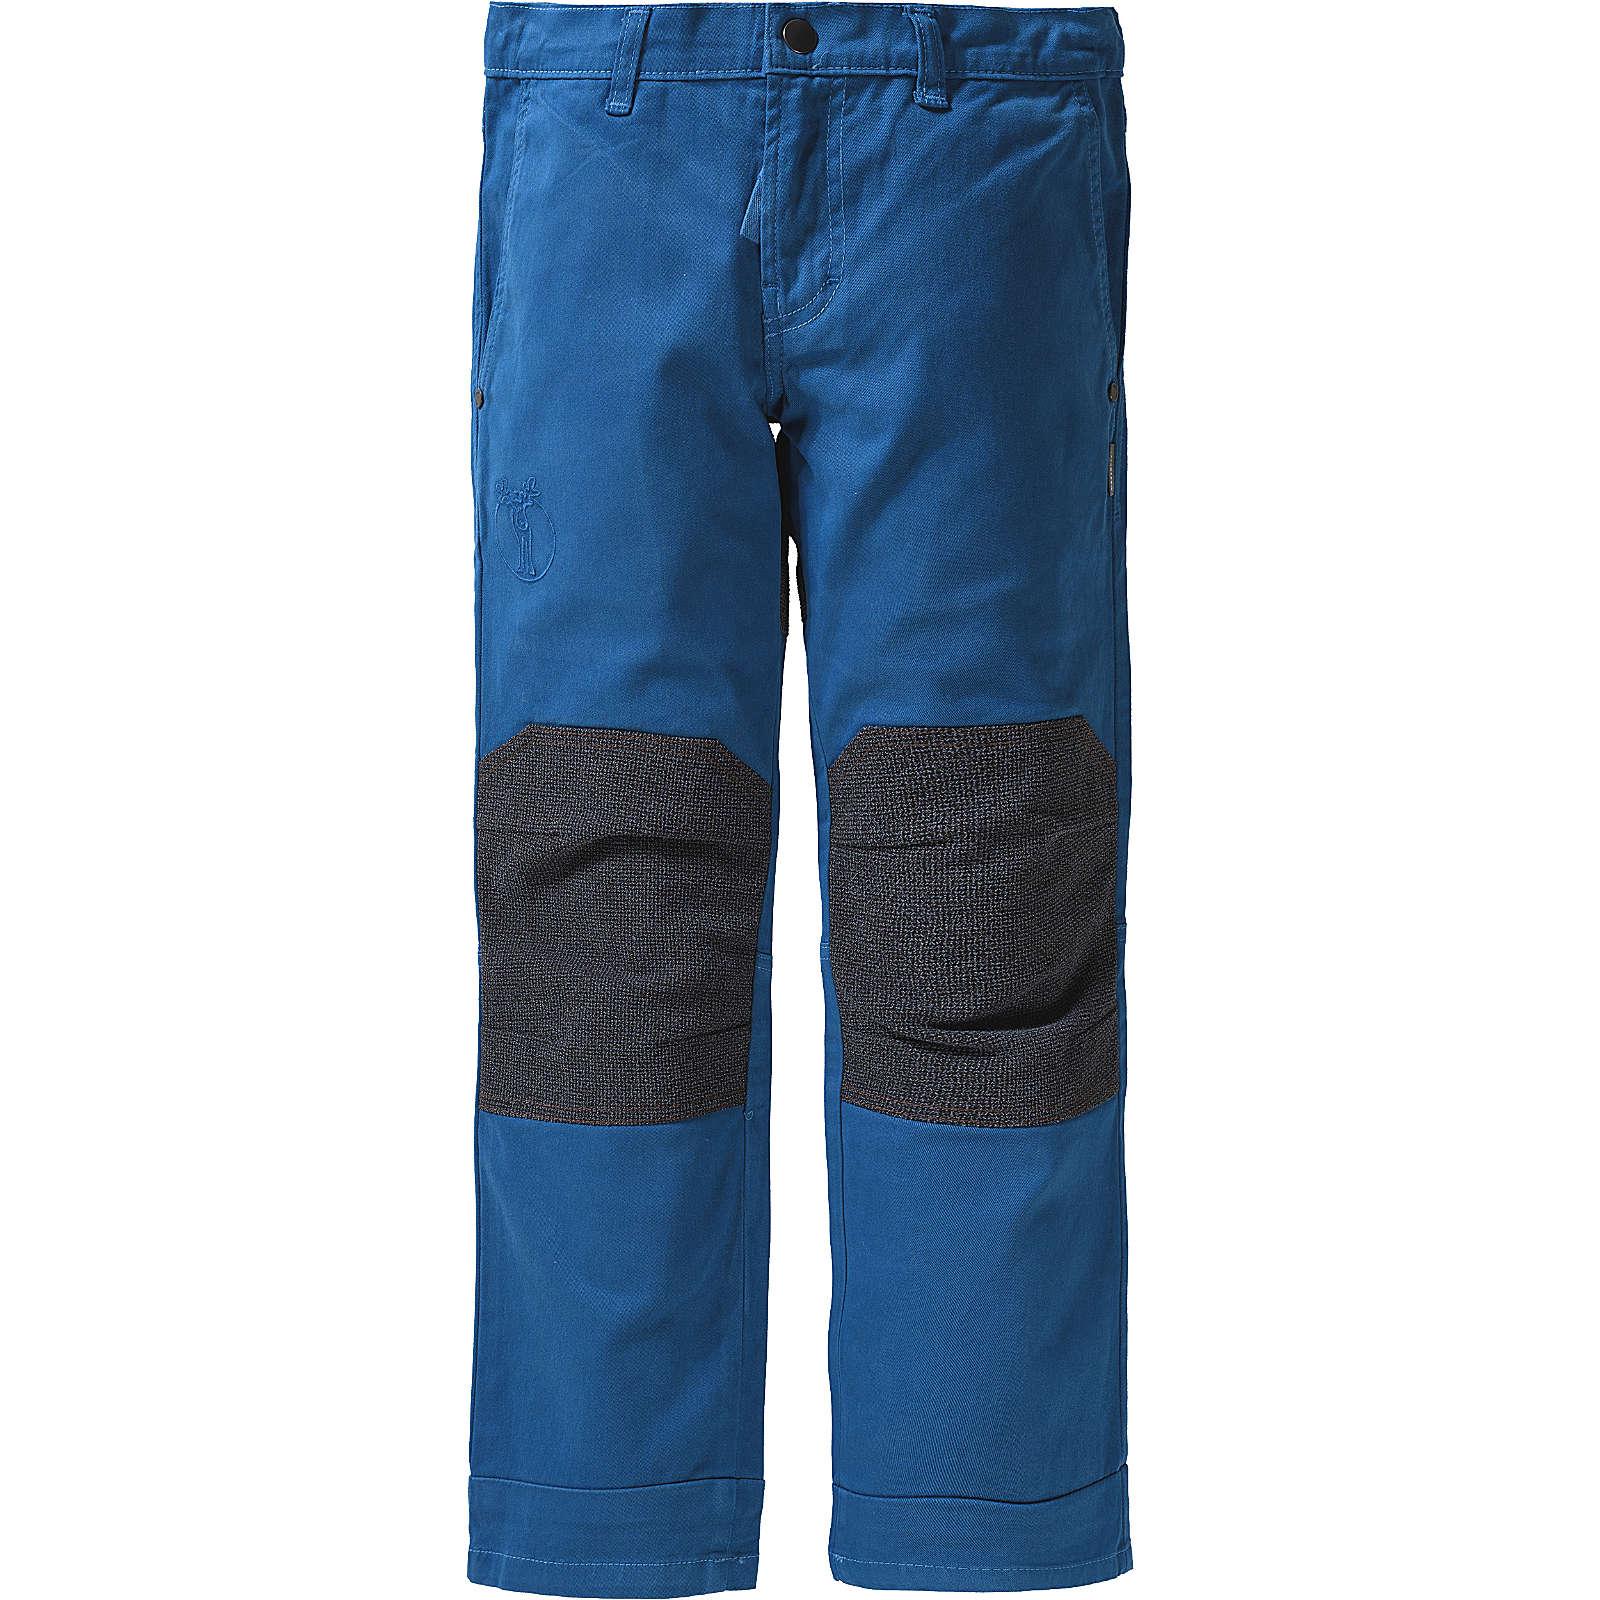 elkline Kinder Outdoorhose Franzhose blau Gr. 158